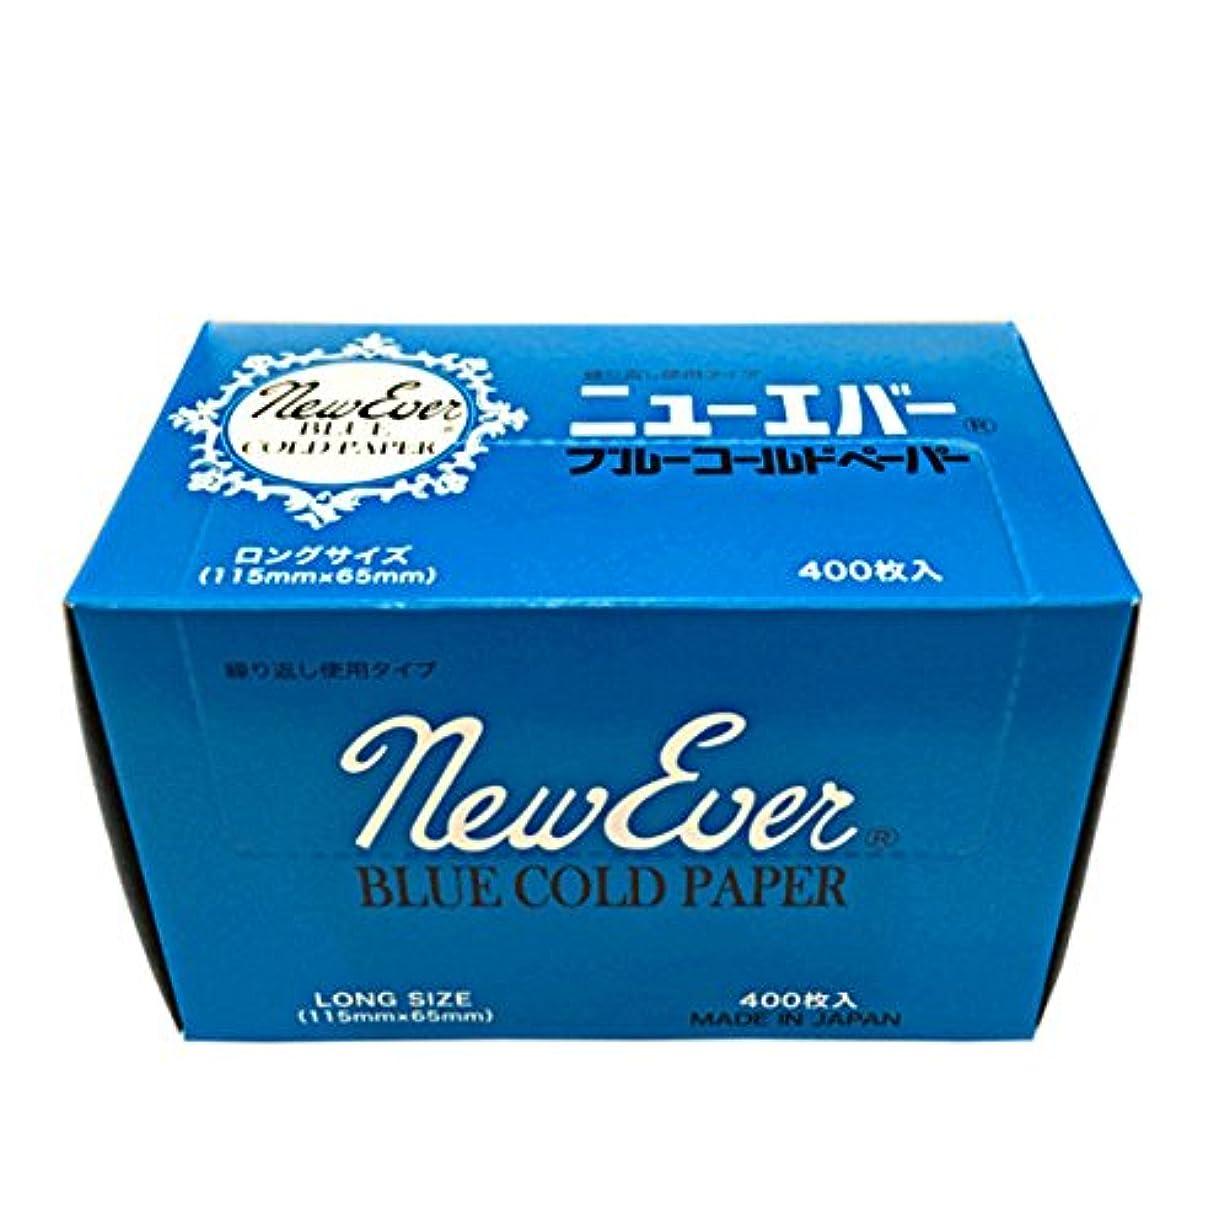 蒸発する驚くべき手伝うニューエバー ロングペーパー ブルー